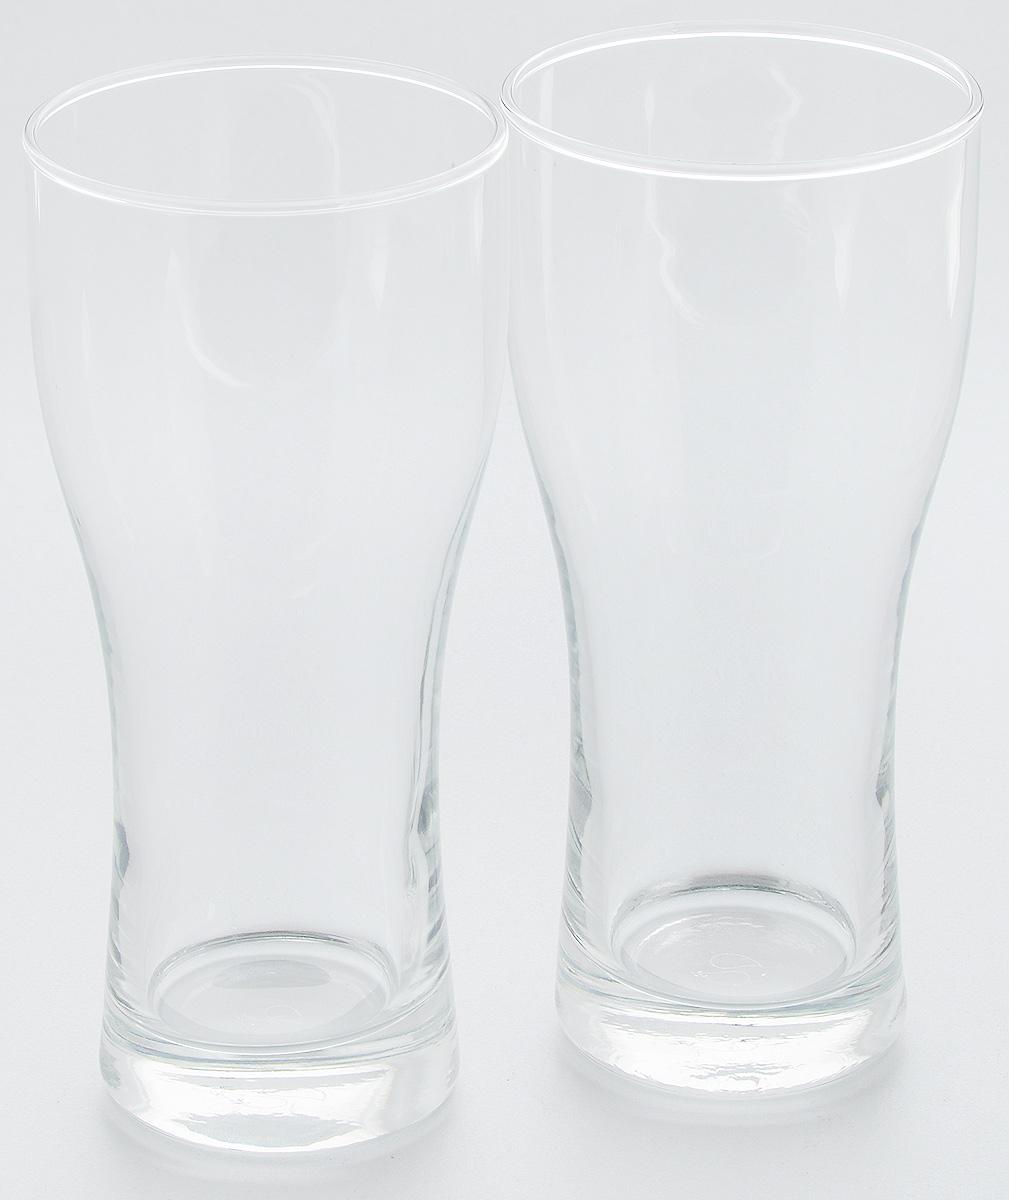 Набор бокалов для пива Pasabahce Pub, 500 мл, 2 штVT-1520(SR)Набор Pasabahce Pub состоит из двух бокалов, выполненных из прочного натрий-кальций-силикатного стекла. Бокалы, оснащенные утолщенным дном, предназначены для подачи пива. Такой набор прекрасно подойдет для любителей пенного напитка.Высота бокала: 19 см.